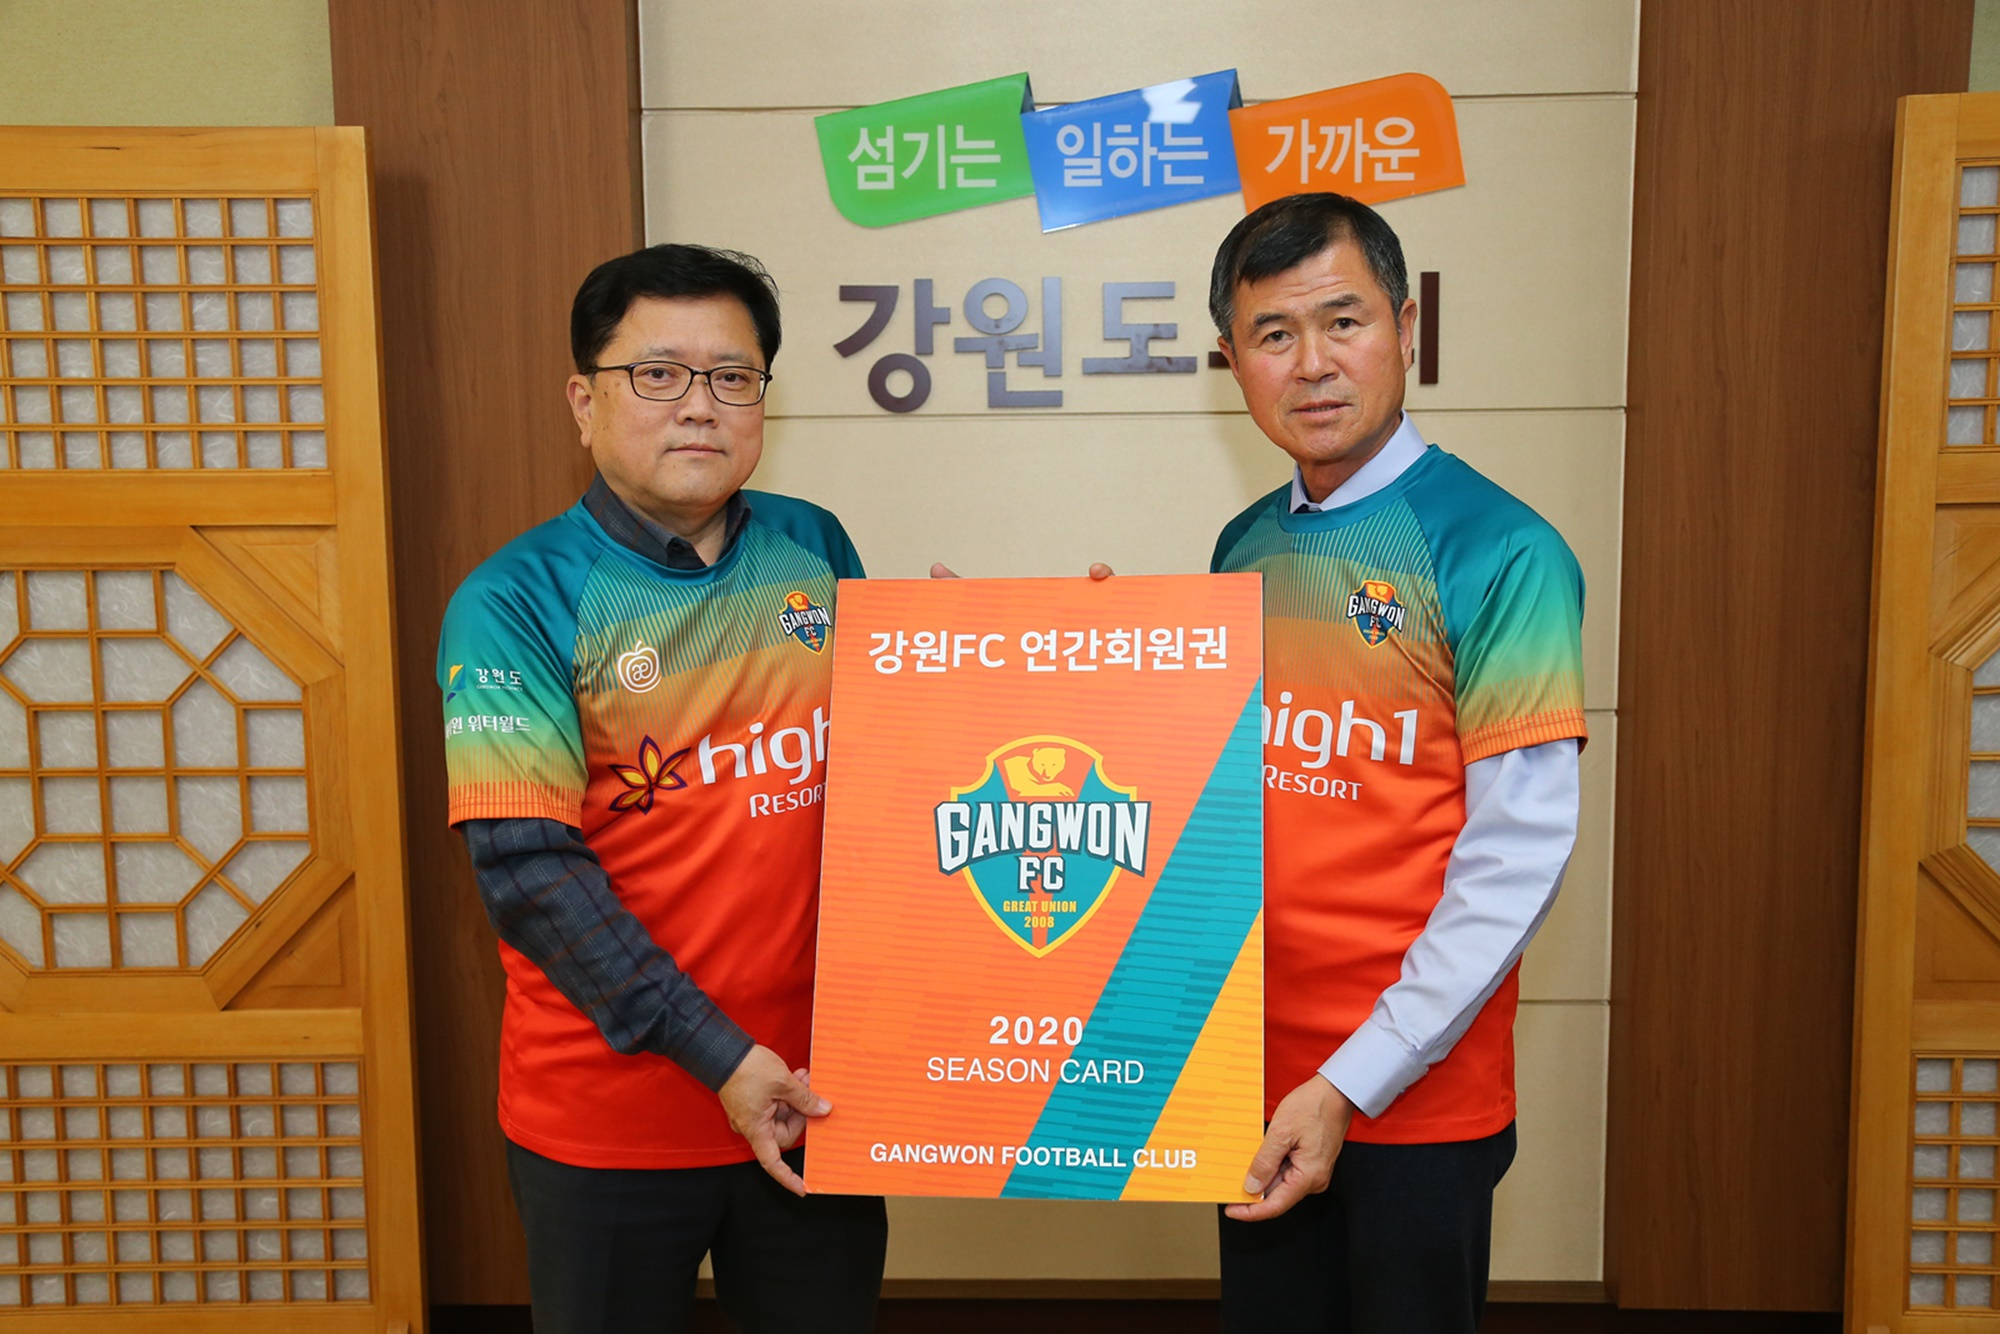 강원도의회 한금석 의장, 강원FC 연간회원권 구매